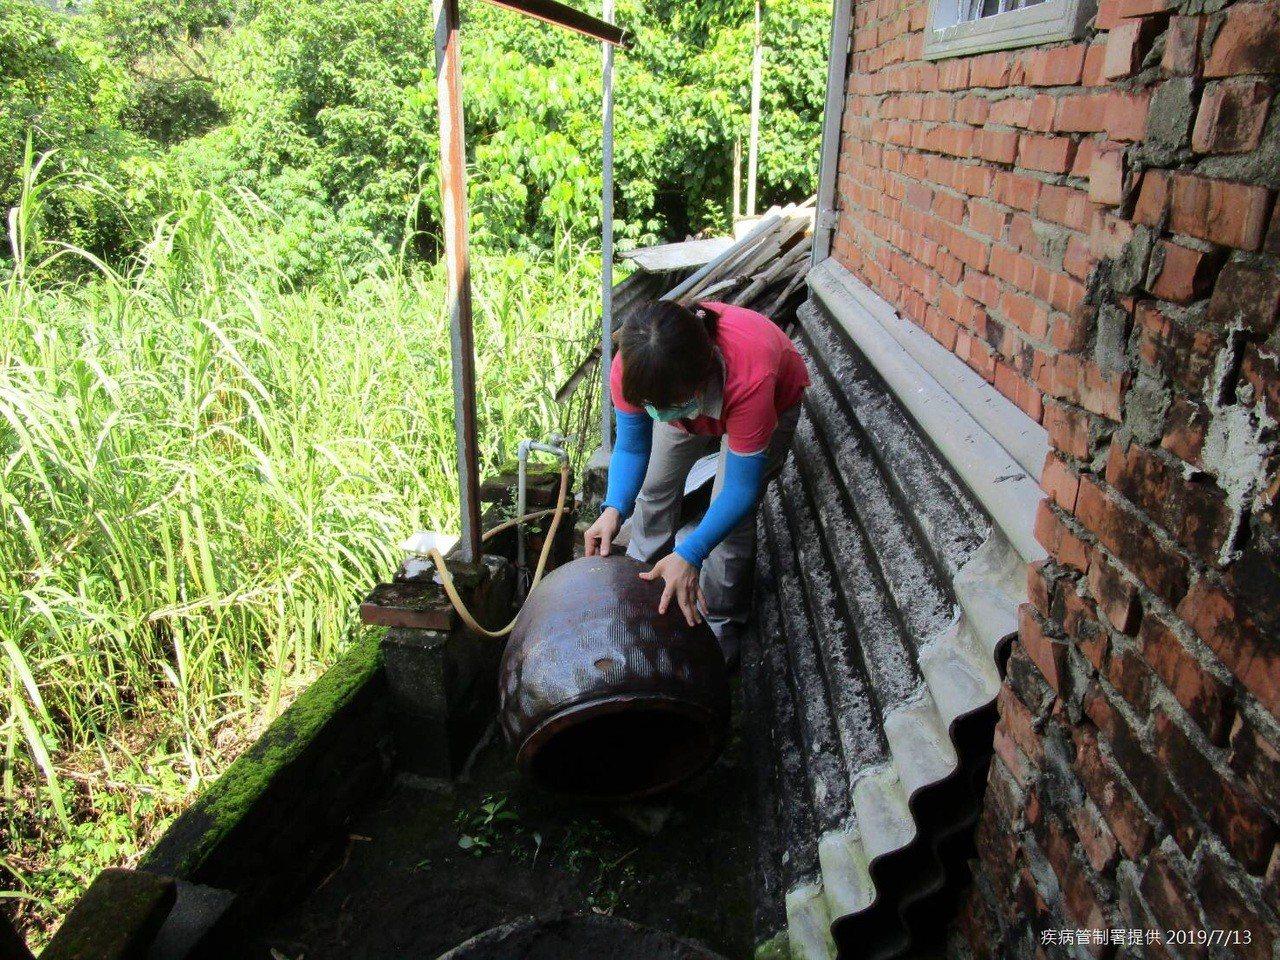 台南市政府防疫人員於台南市左鎮區榮和里執行孳生源查核。圖/疾病管制署提供